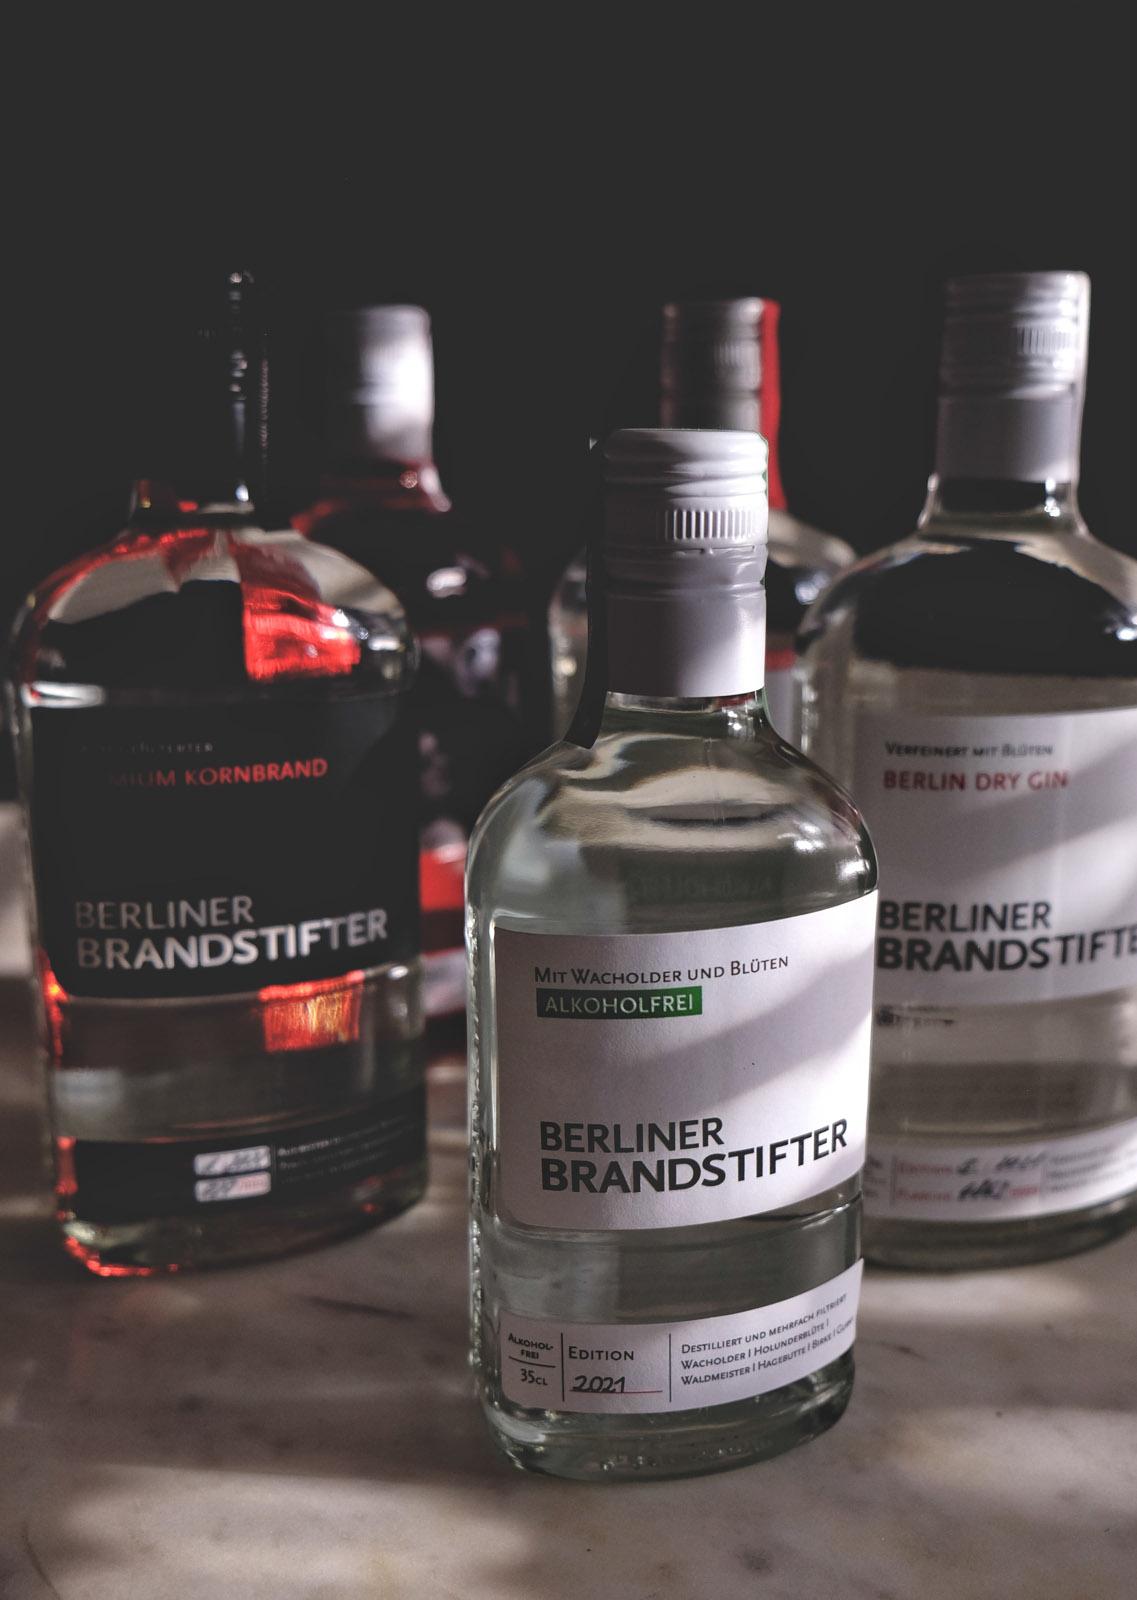 Sortiment Berliner_Brandstifter